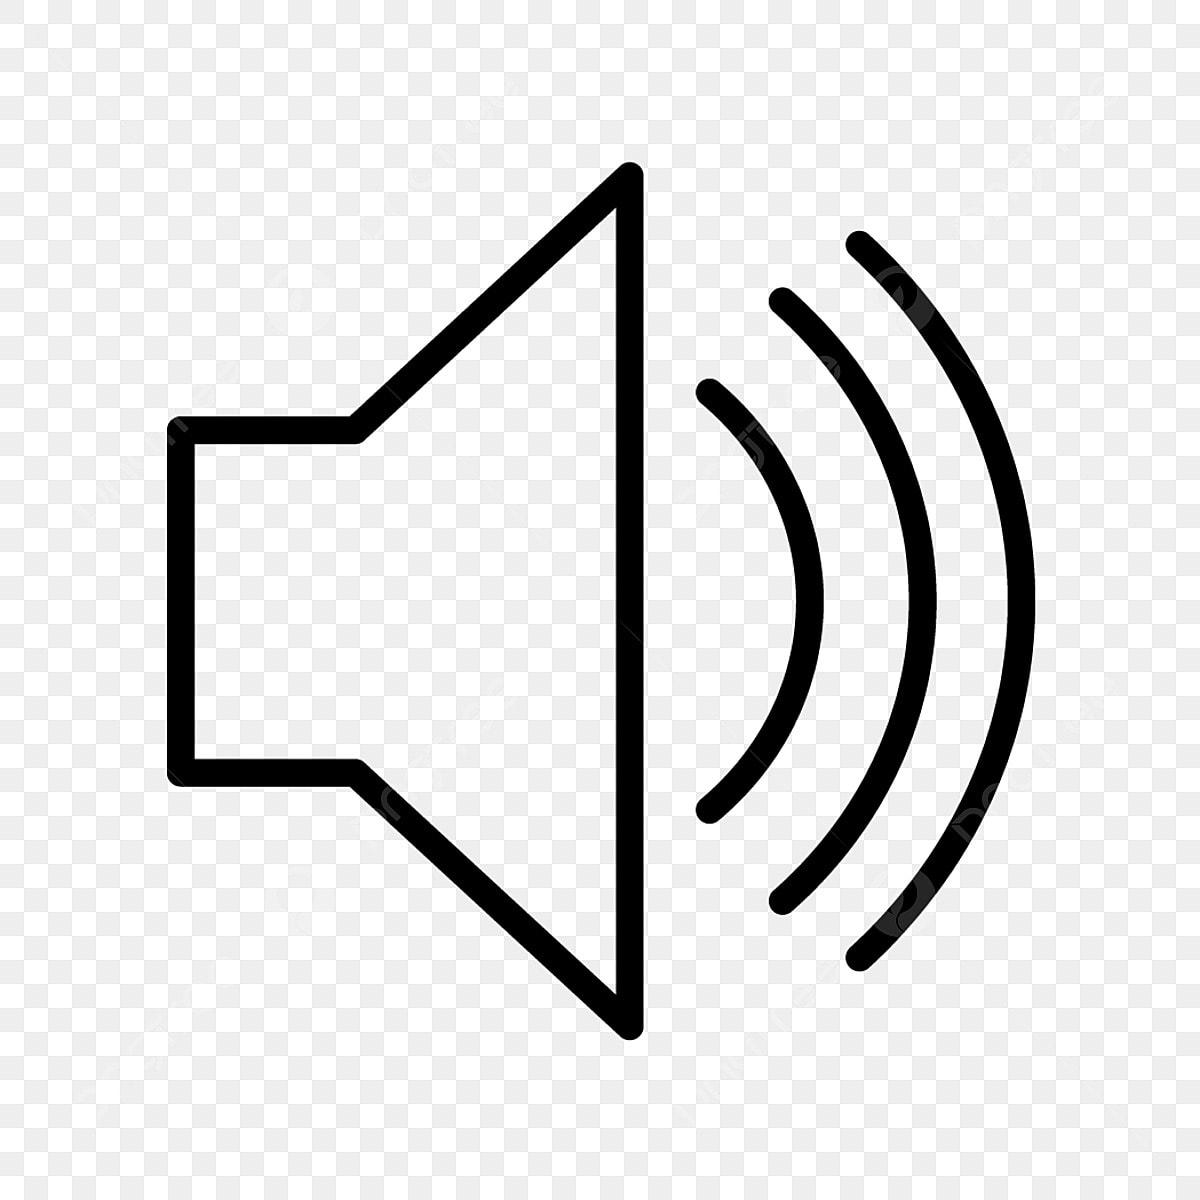 speaker vector png free speakers music speaker speaker icon vector images pngtree https pngtree com freepng speaker vector icon white transparent background 5249050 html